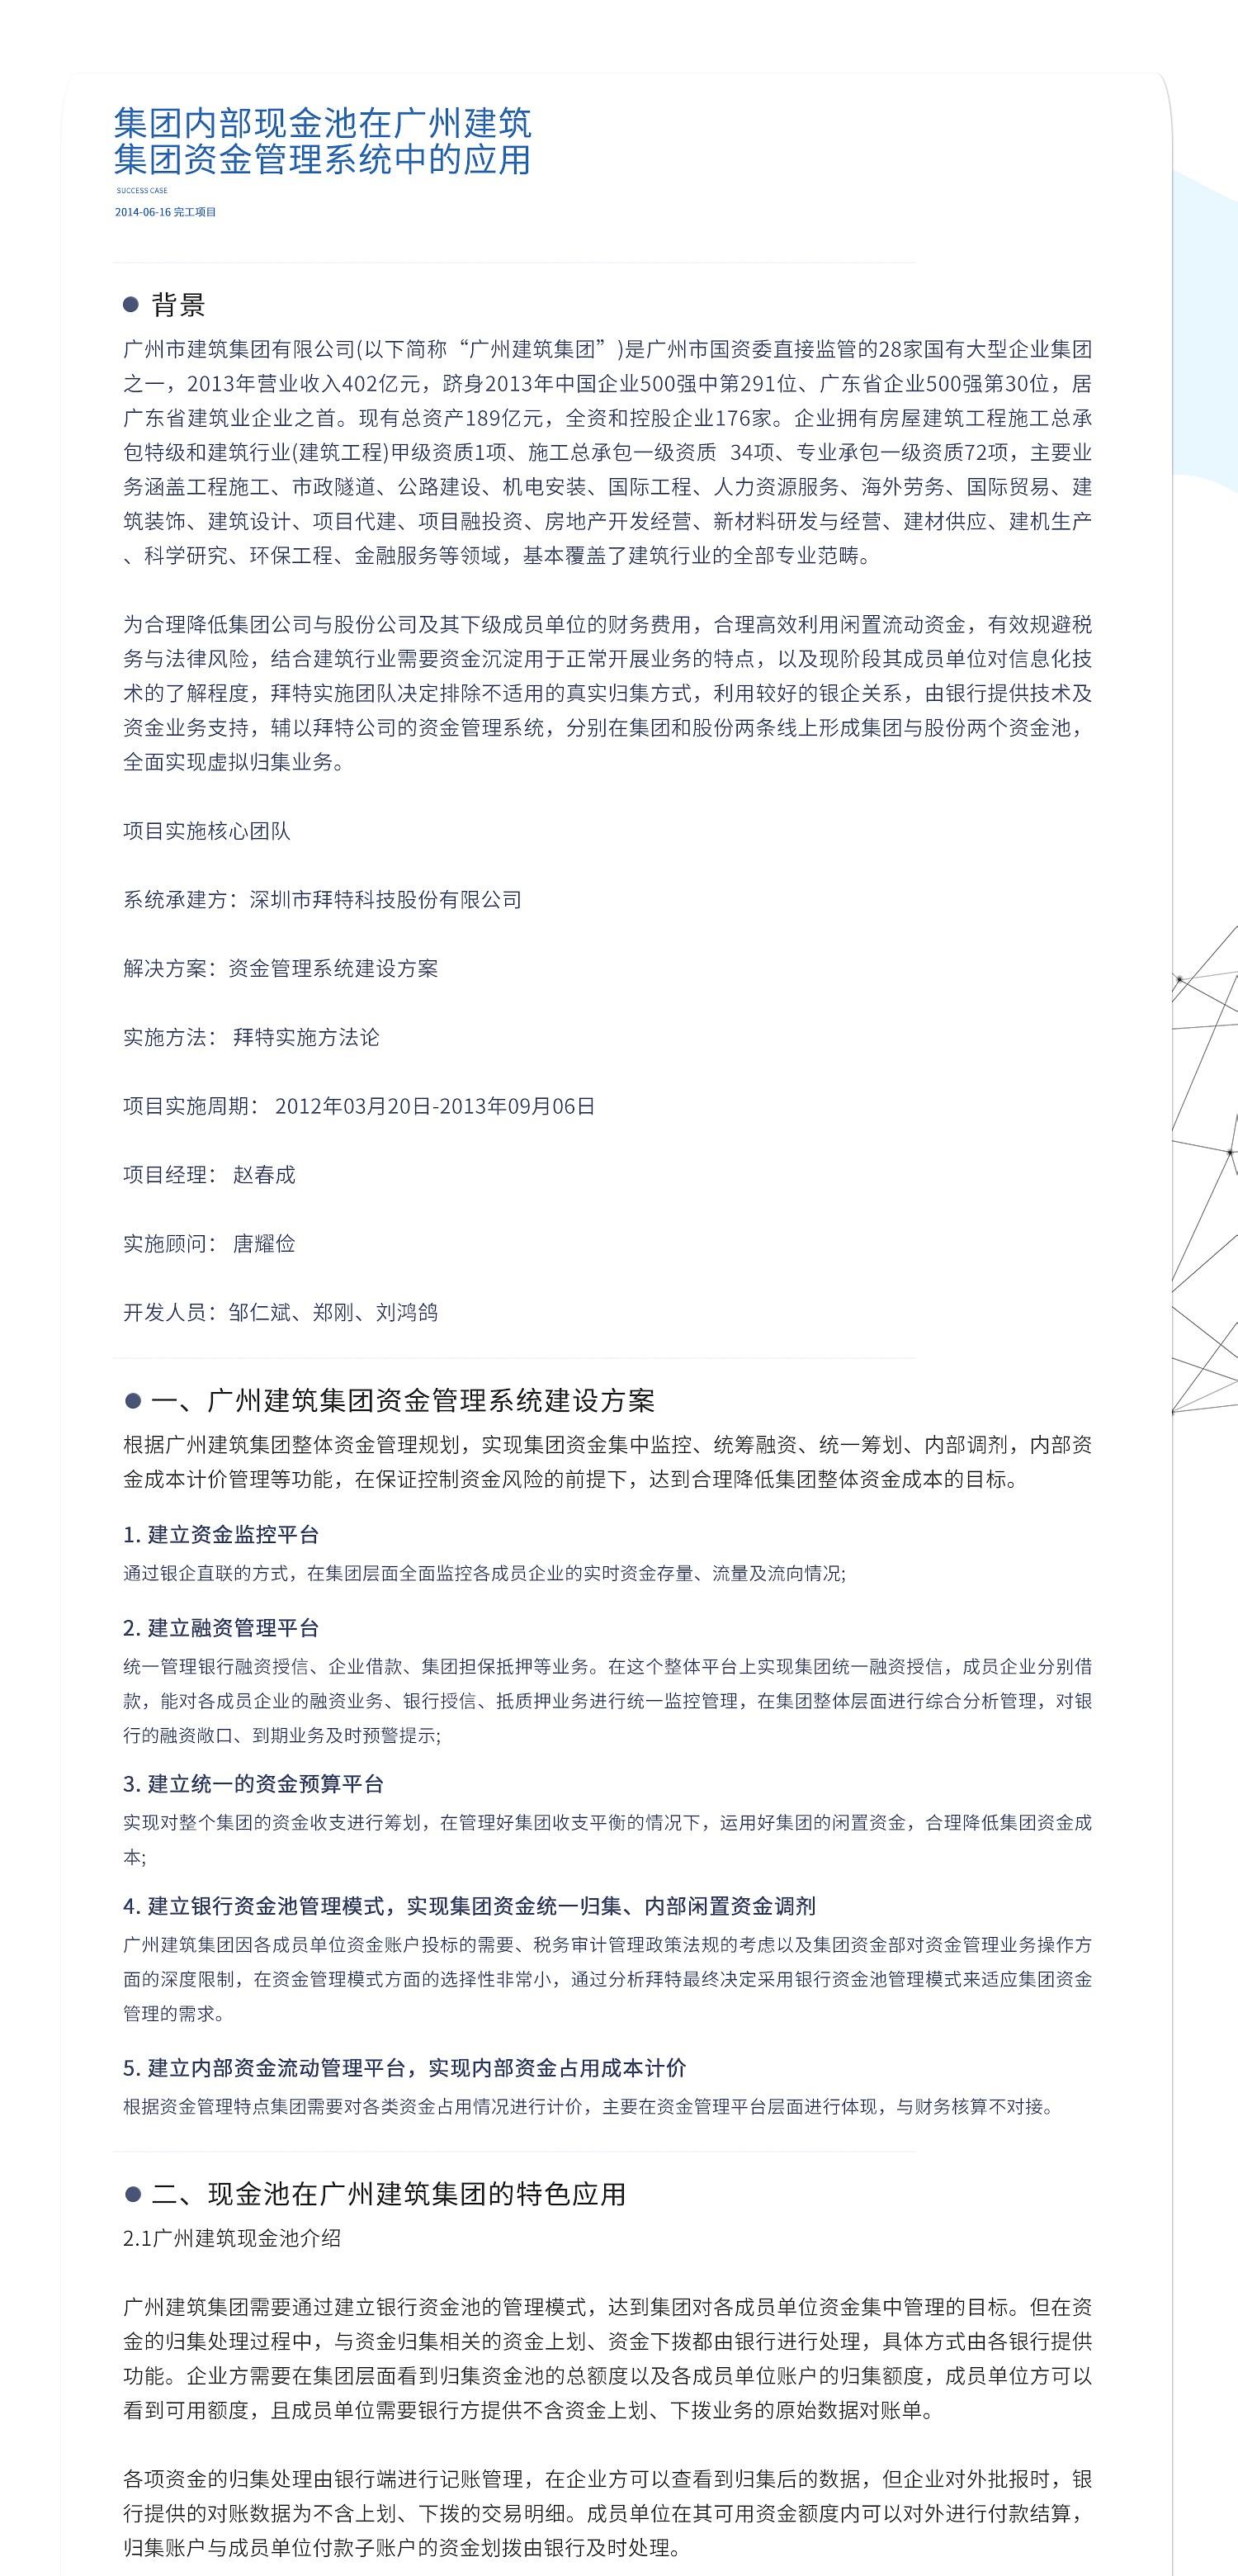 集团内部现金池在广州建筑集团beplay2网页登录管理系统中的应用1.jpg